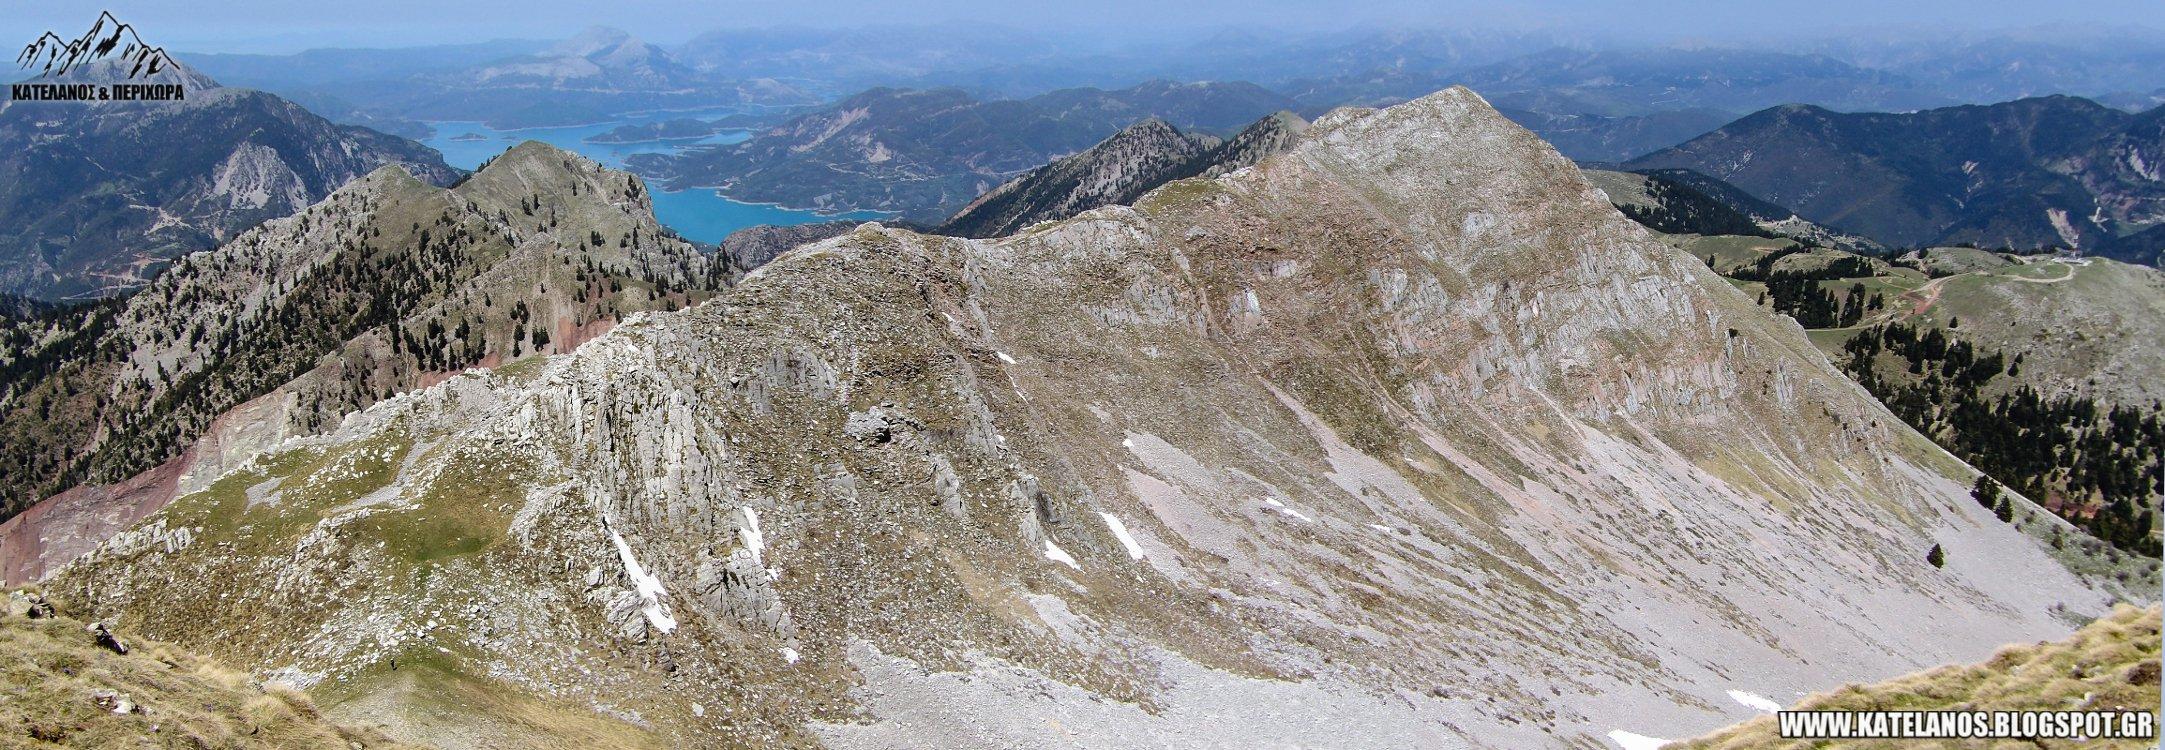 βορεια κορυφη χελιδονας λιμνη κρεμαστων βουνο ευρυτανιας